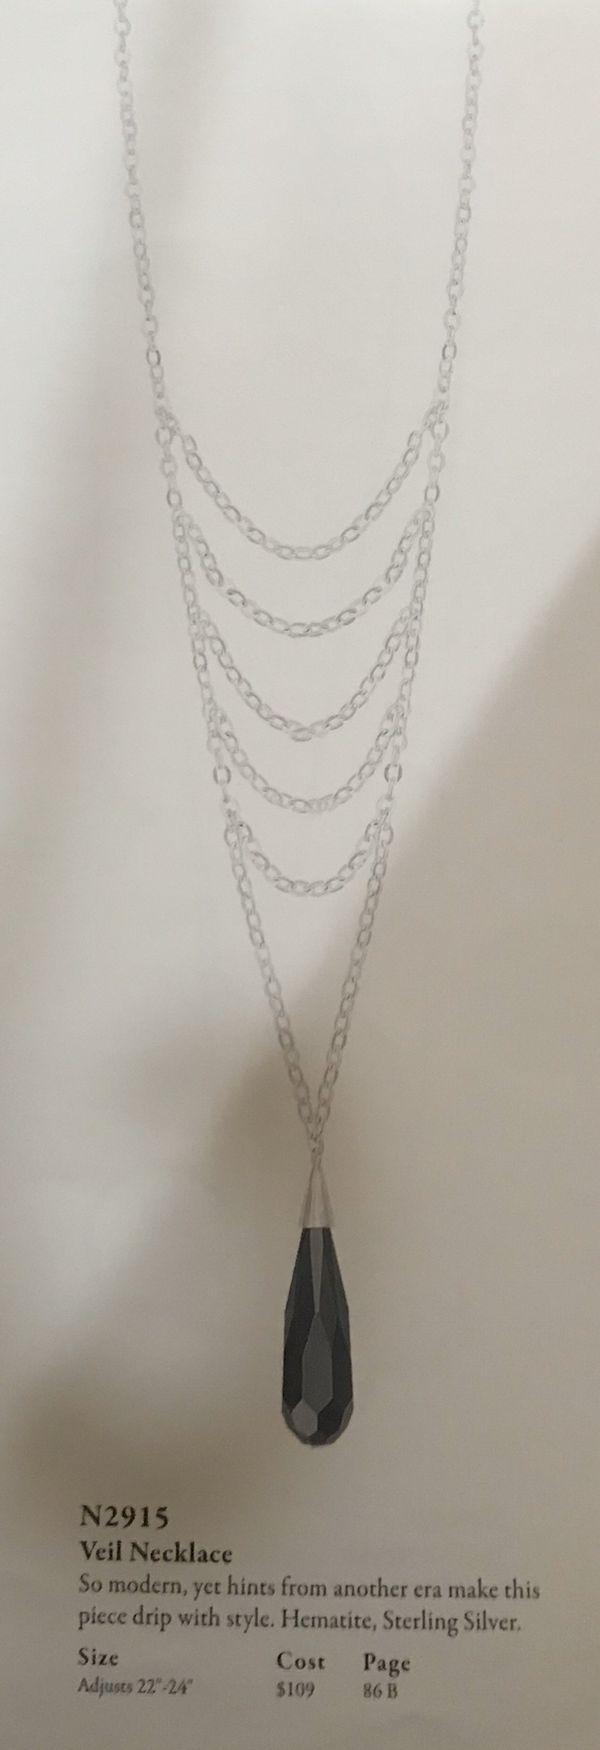 Silpada Veil Necklace